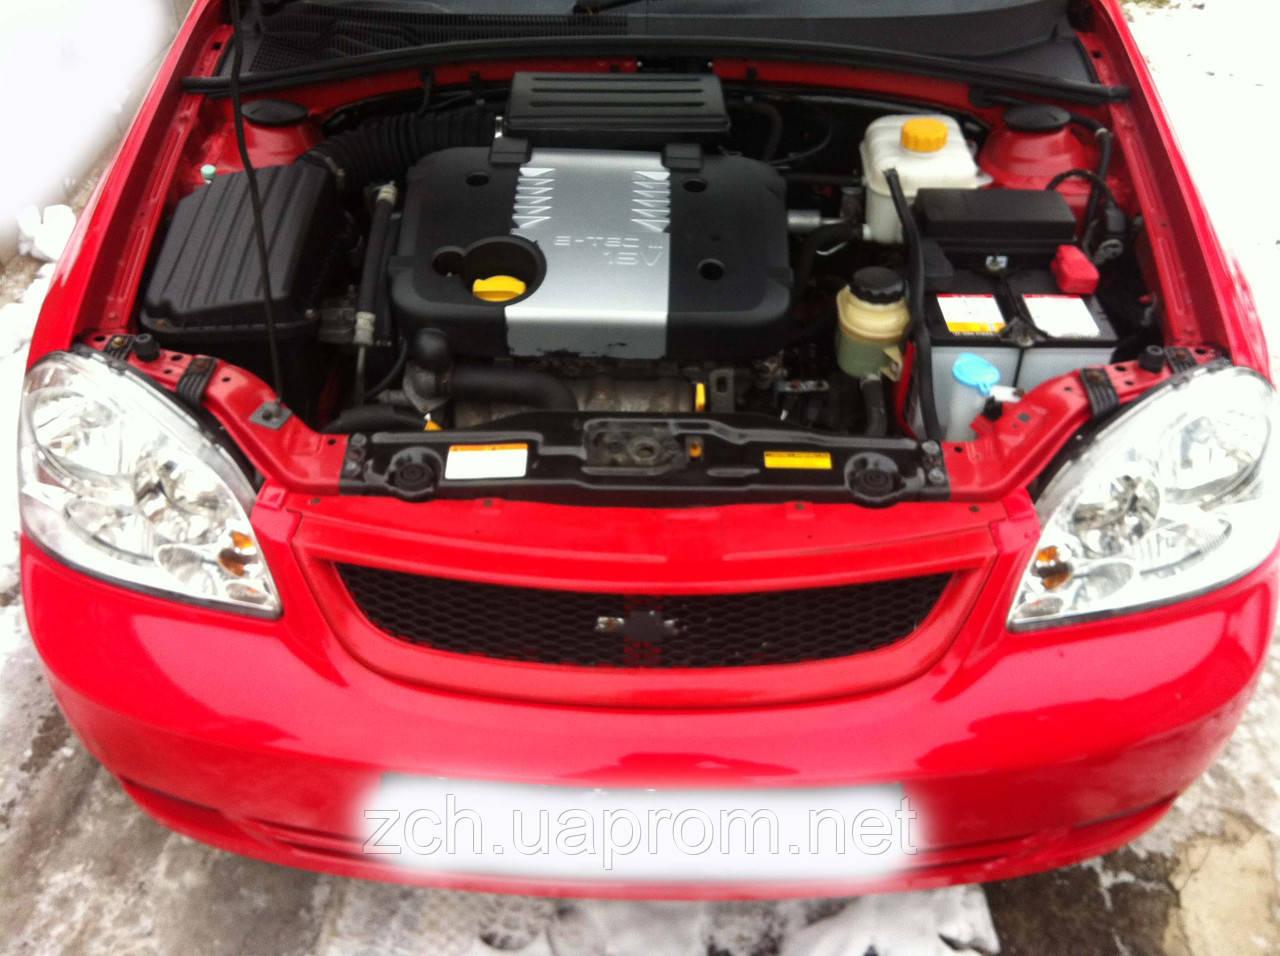 Бачок главного тормозного 1.6 и 1.8 Chevrolet Lacetti